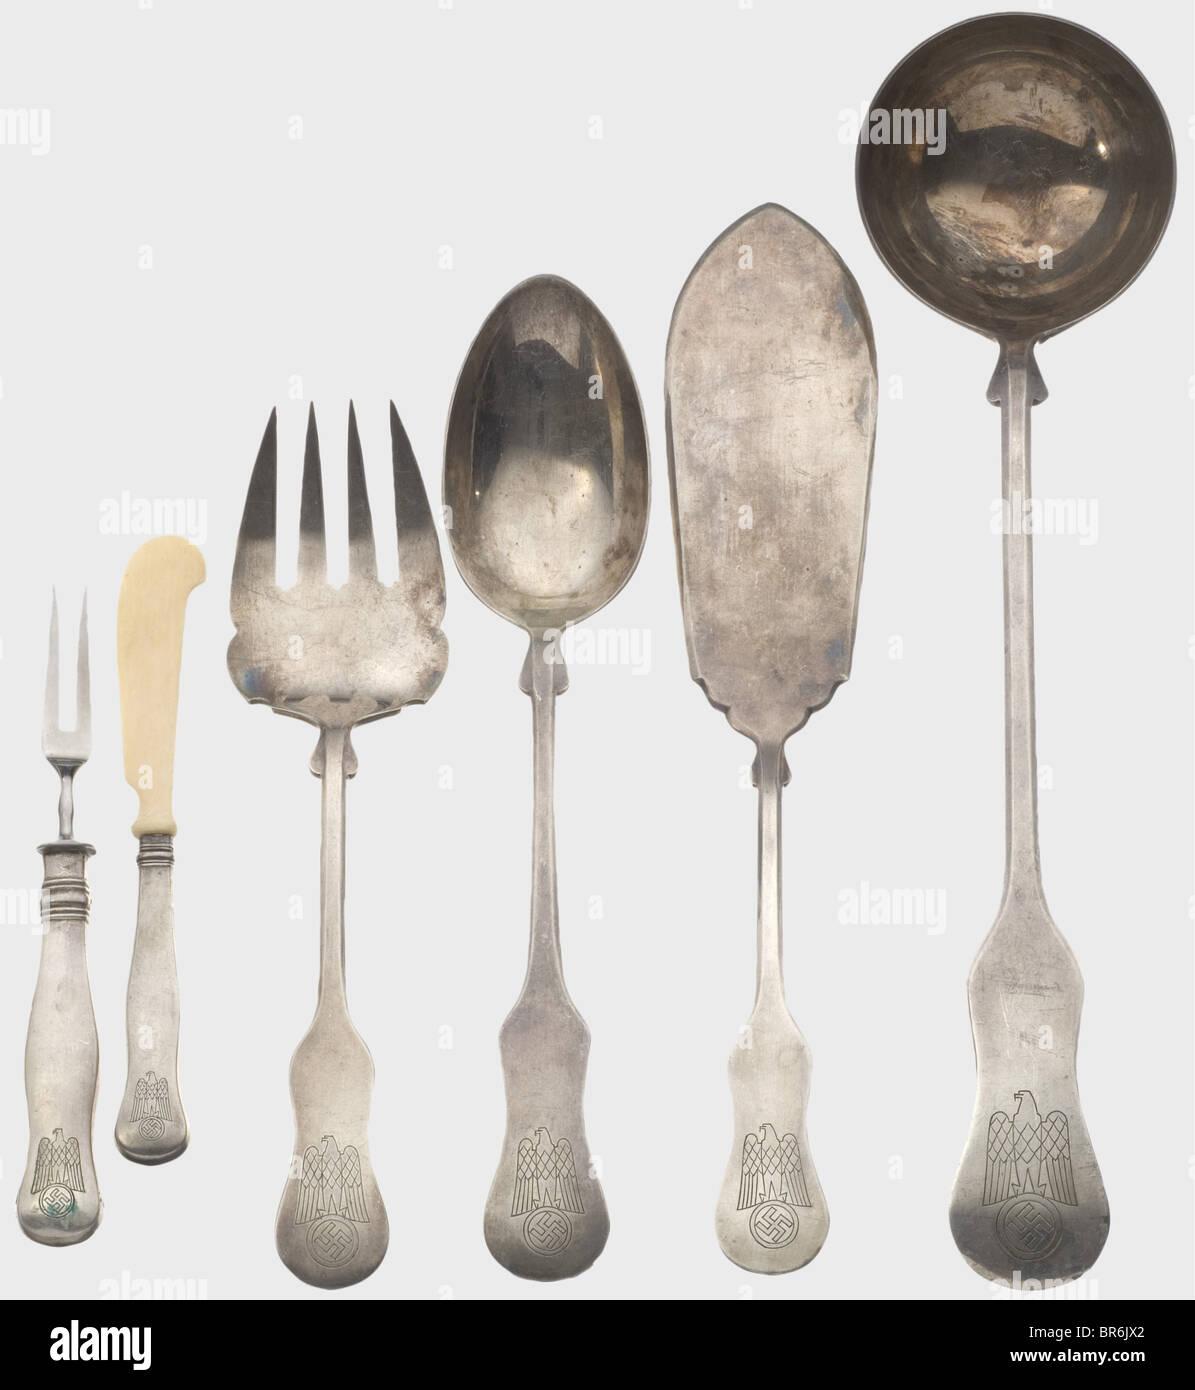 Albert Speer - a 113-piece silverware set in a case. Manufacturer Krupp Berndorf hard silver-plated version hallmarked  90 . & Albert Speer - a 113-piece silverware set in a case. Manufacturer ...